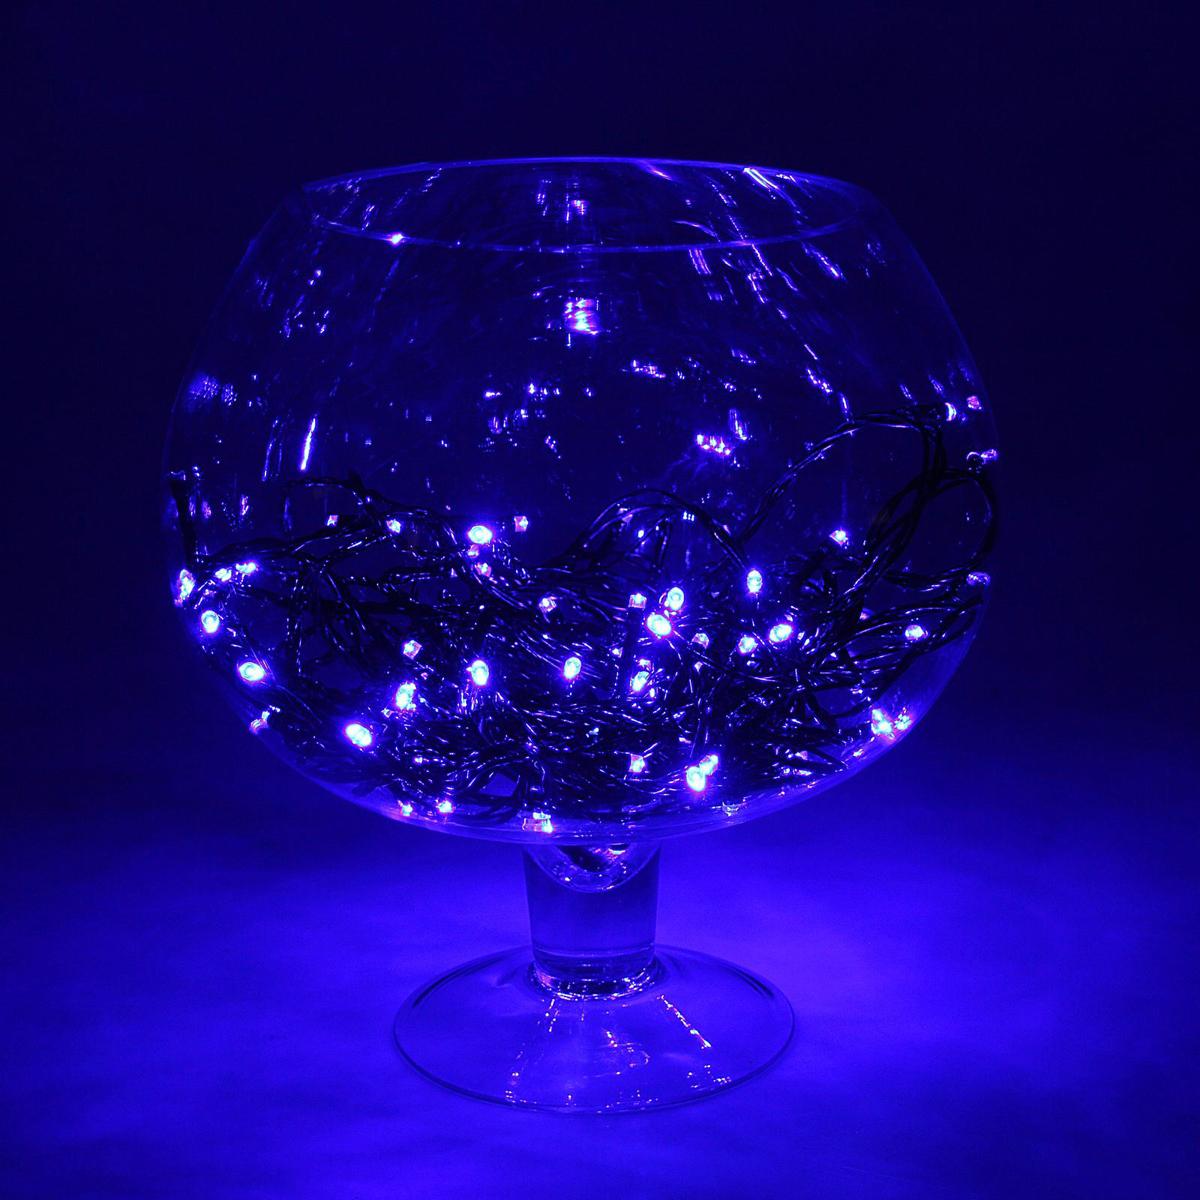 Гирлянда Luazon Метраж, длина 10 м, LED 100 ламп, 24В, цвет: синий. 16720321672032Светодиодные гирлянды, ленты и т.д — это отличный вариант для новогоднего оформления интерьера или фасада. С их помощью помещение любого размера можно превратить в праздничный зал, а внешние элементы зданий, украшенные ими, мгновенно станут напоминать очертания сказочного дворца. Такие украшения создают ауру предвкушения чуда. Деревья, фасады, витрины, окна и арки будто специально созданы, чтобы вы украсили их светящимися нитями.